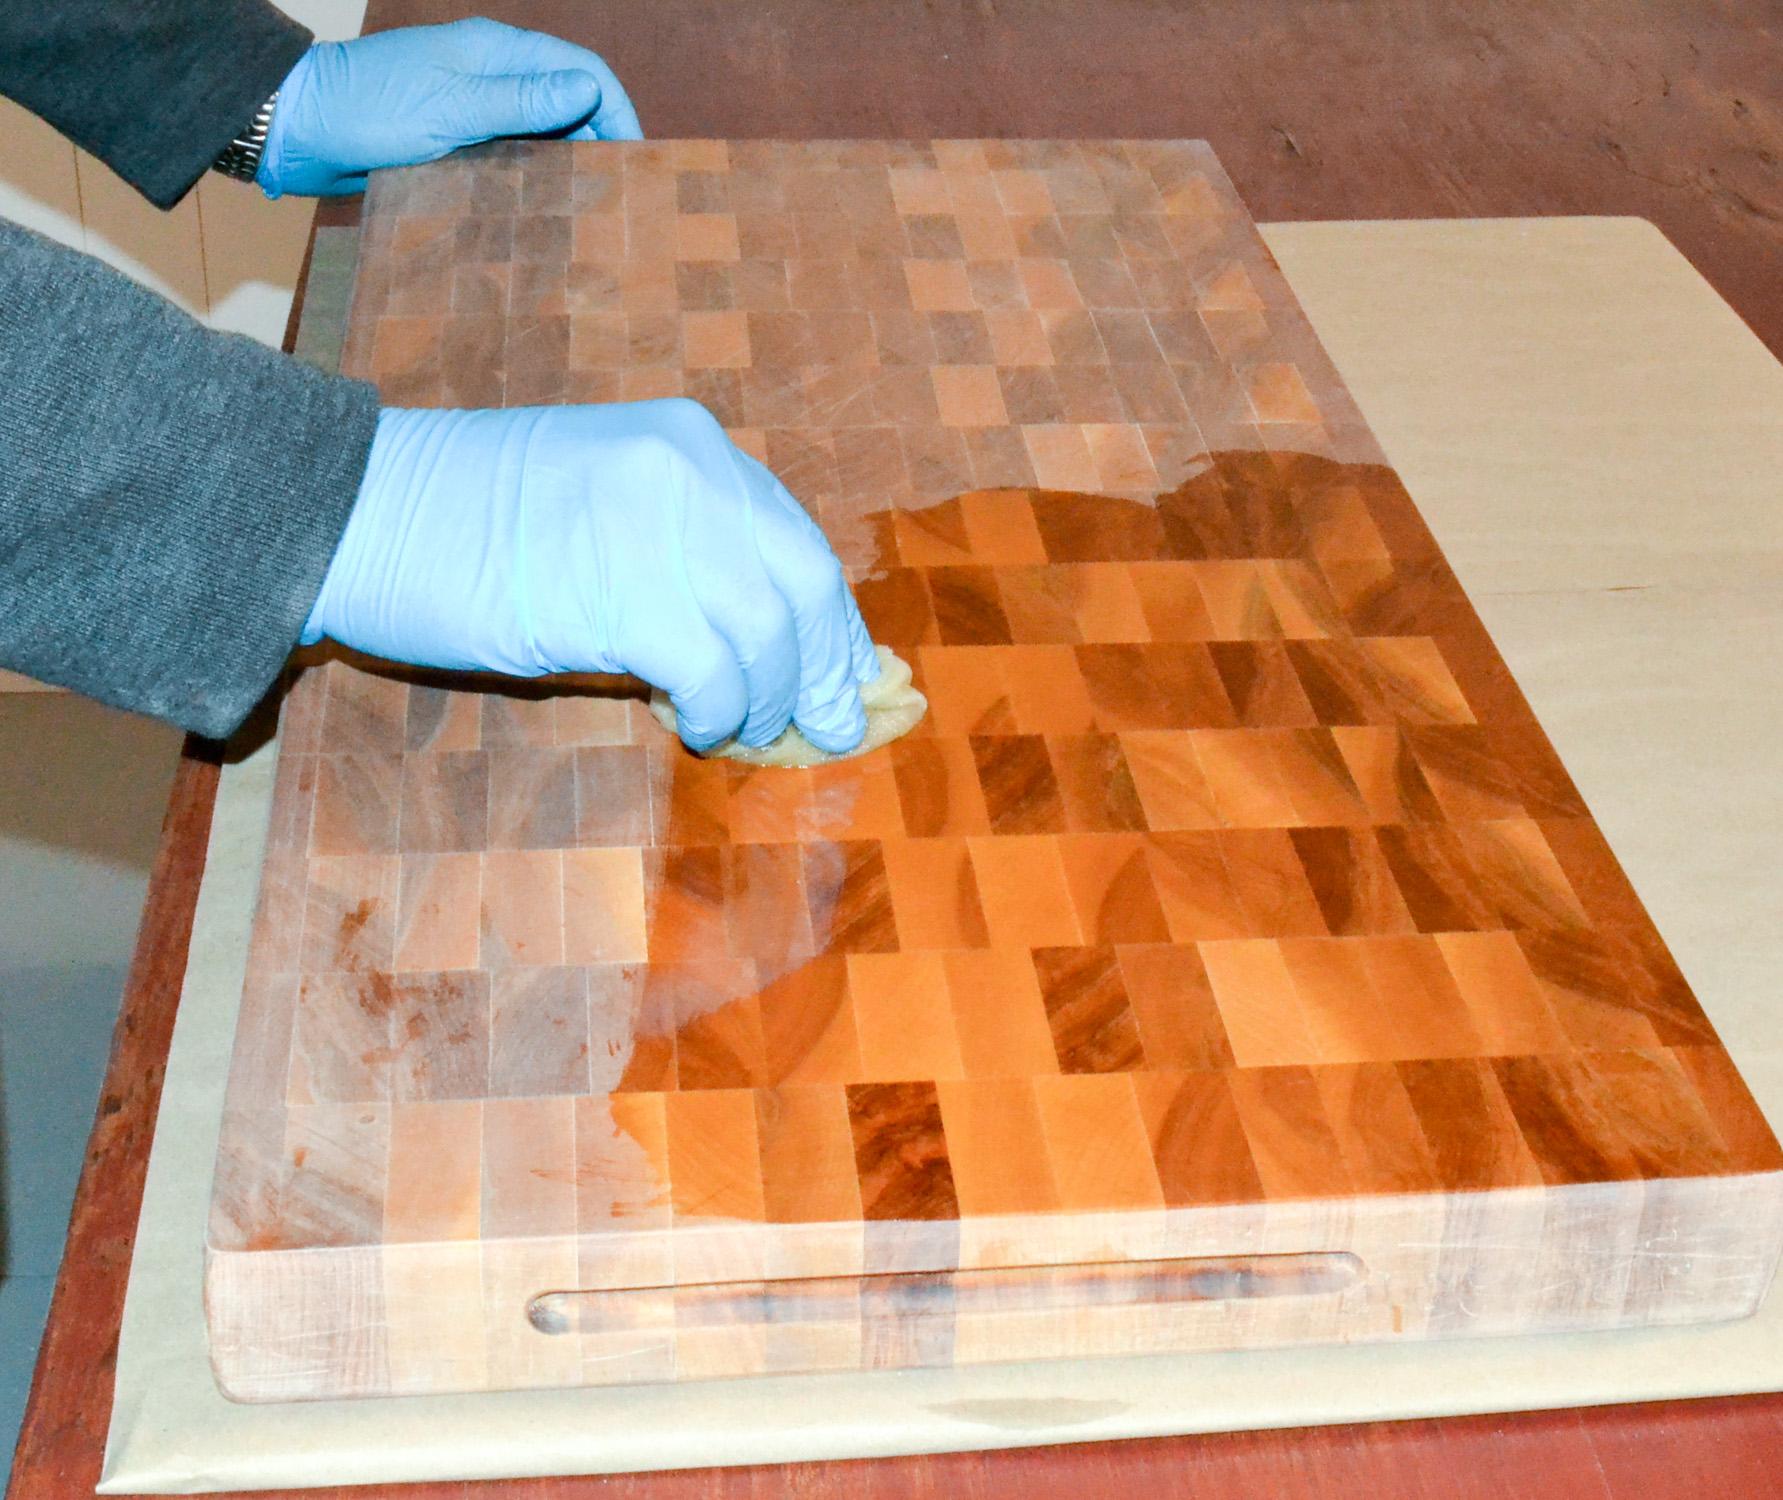 finition et entretien d 39 une planche d couper d 39 un bloc. Black Bedroom Furniture Sets. Home Design Ideas